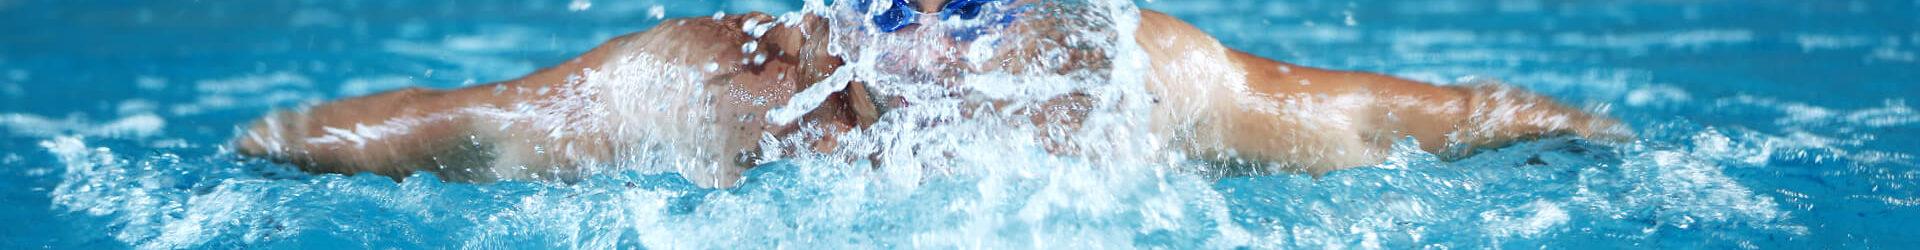 Schwimmer schwimmt eine Bahn